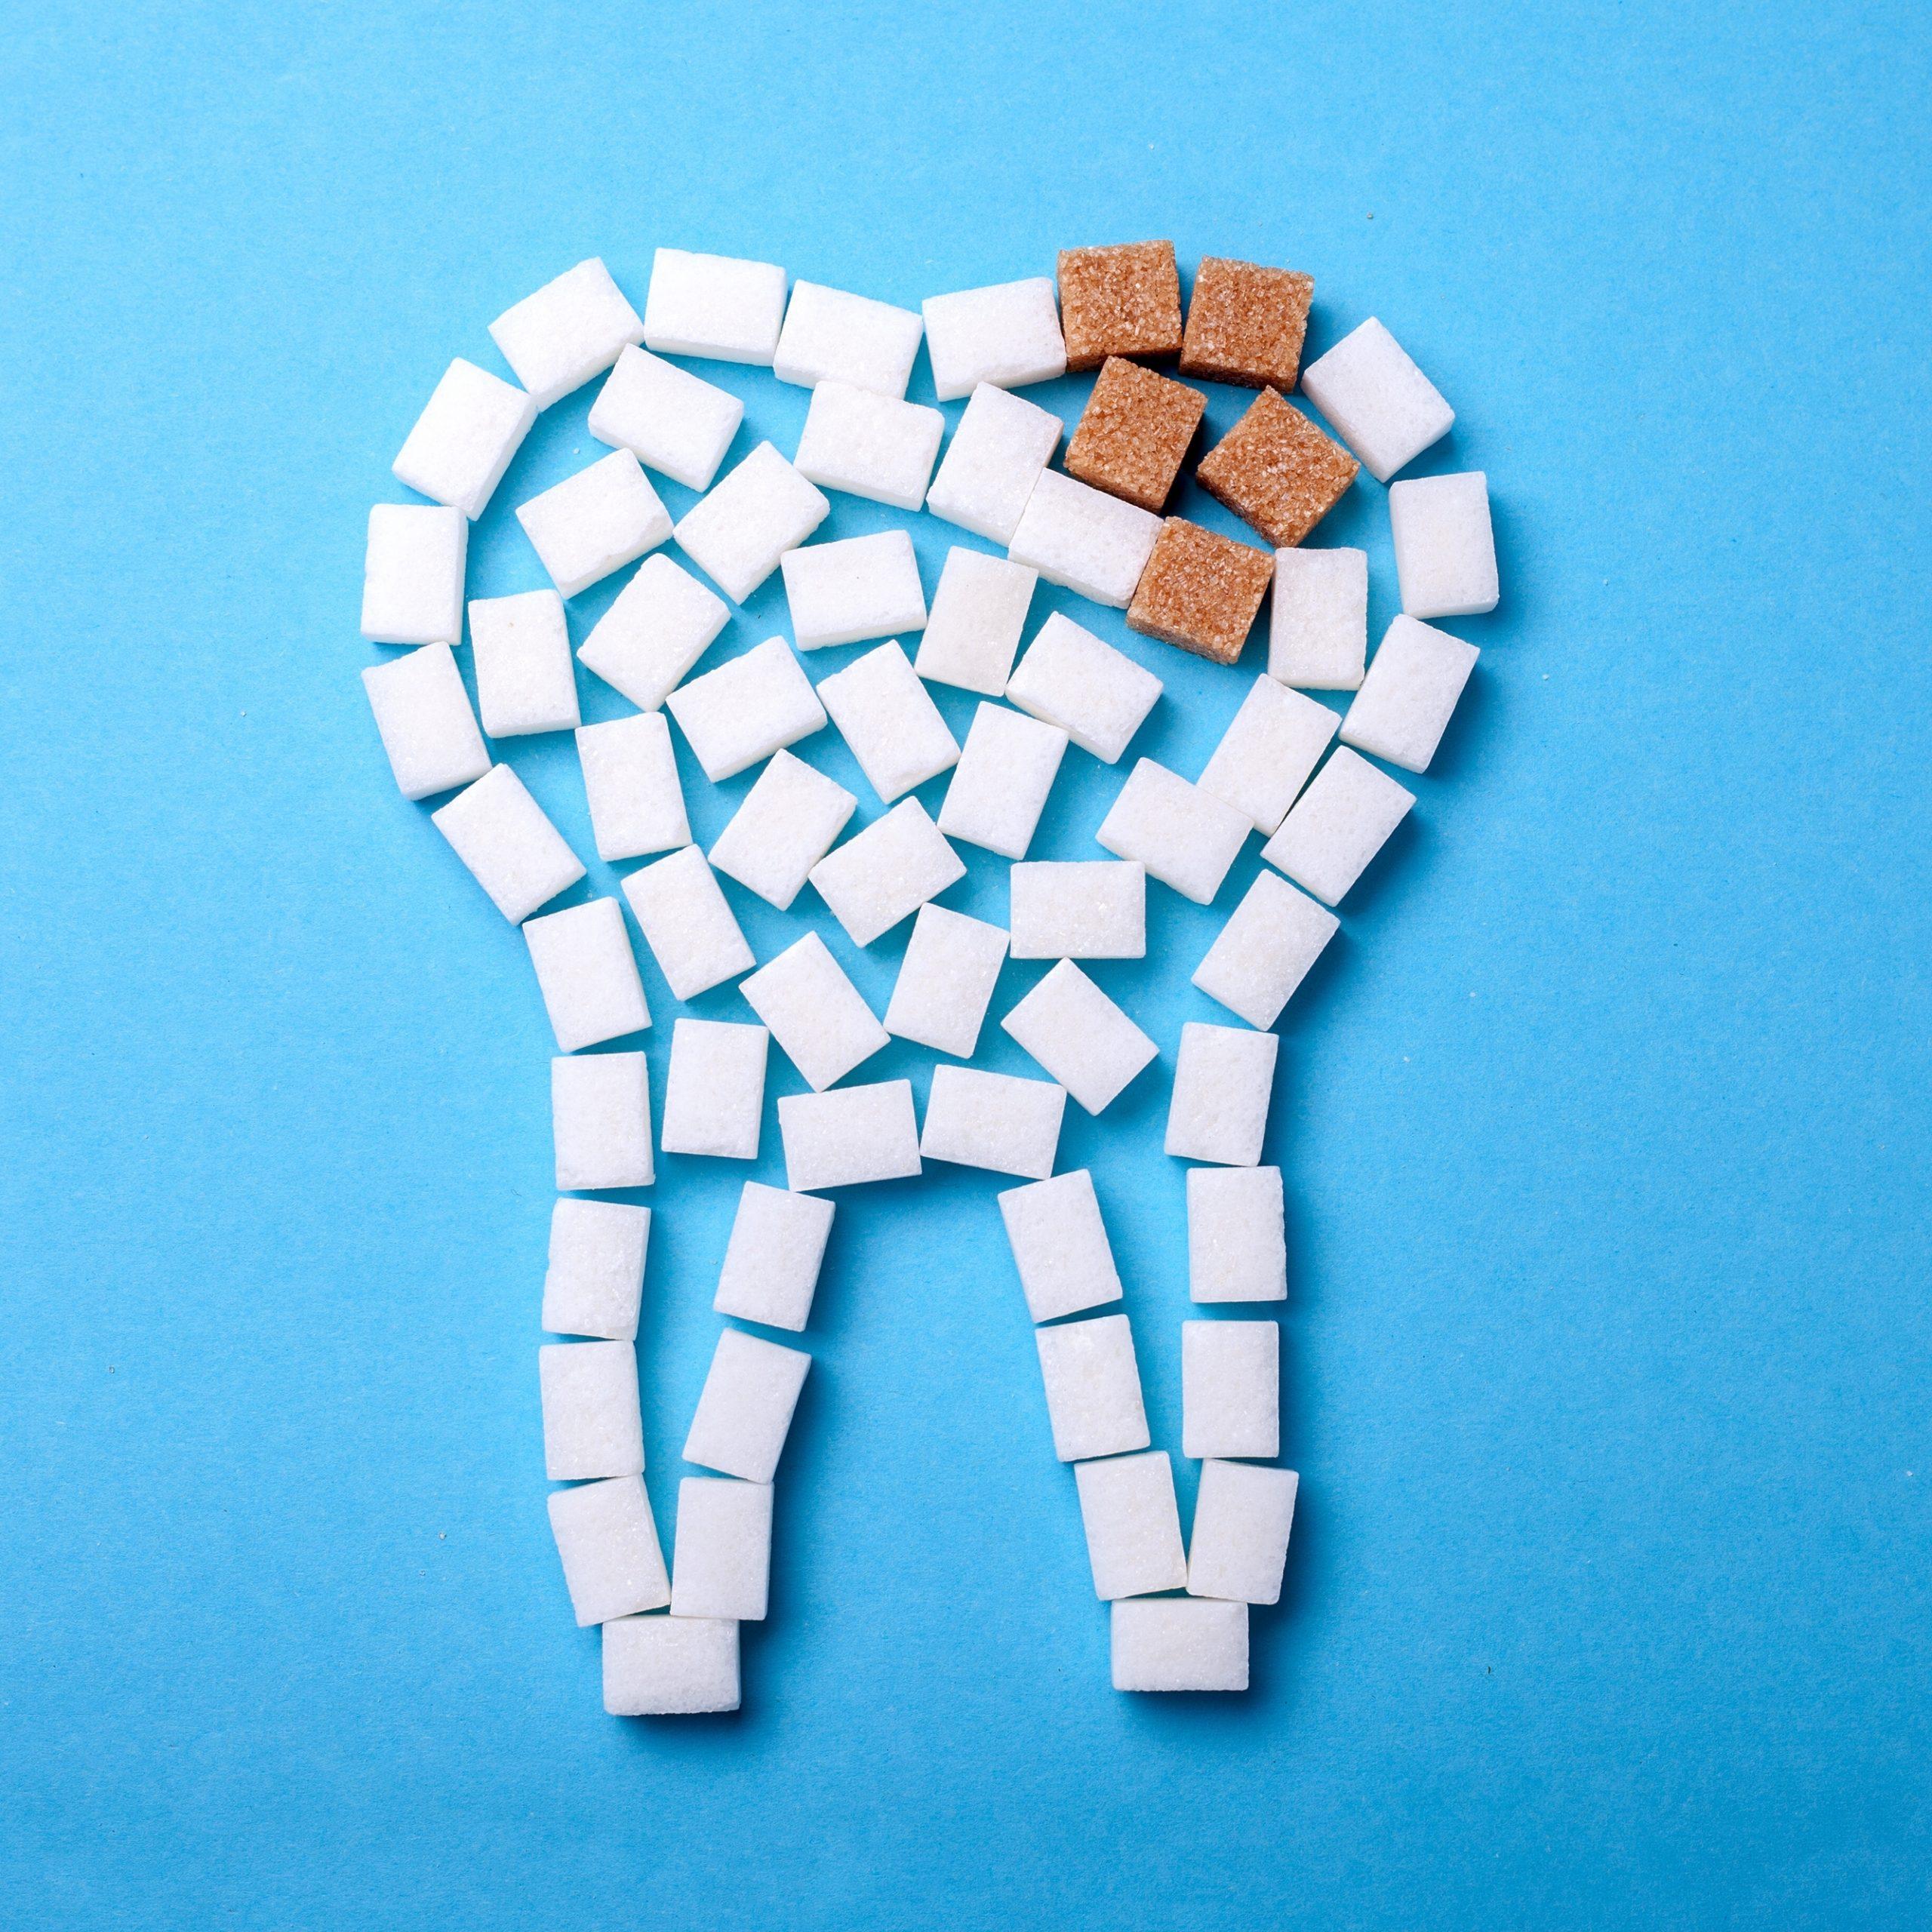 Zahnfleischprobleme und Parodontitis werden nicht nur durch eine mangelnde Pflege, sondern auch durch spezielle Nahrungsbestandteile und eine ungesunde Ernährungsweise (Zucker, Säure etc.) verursacht.